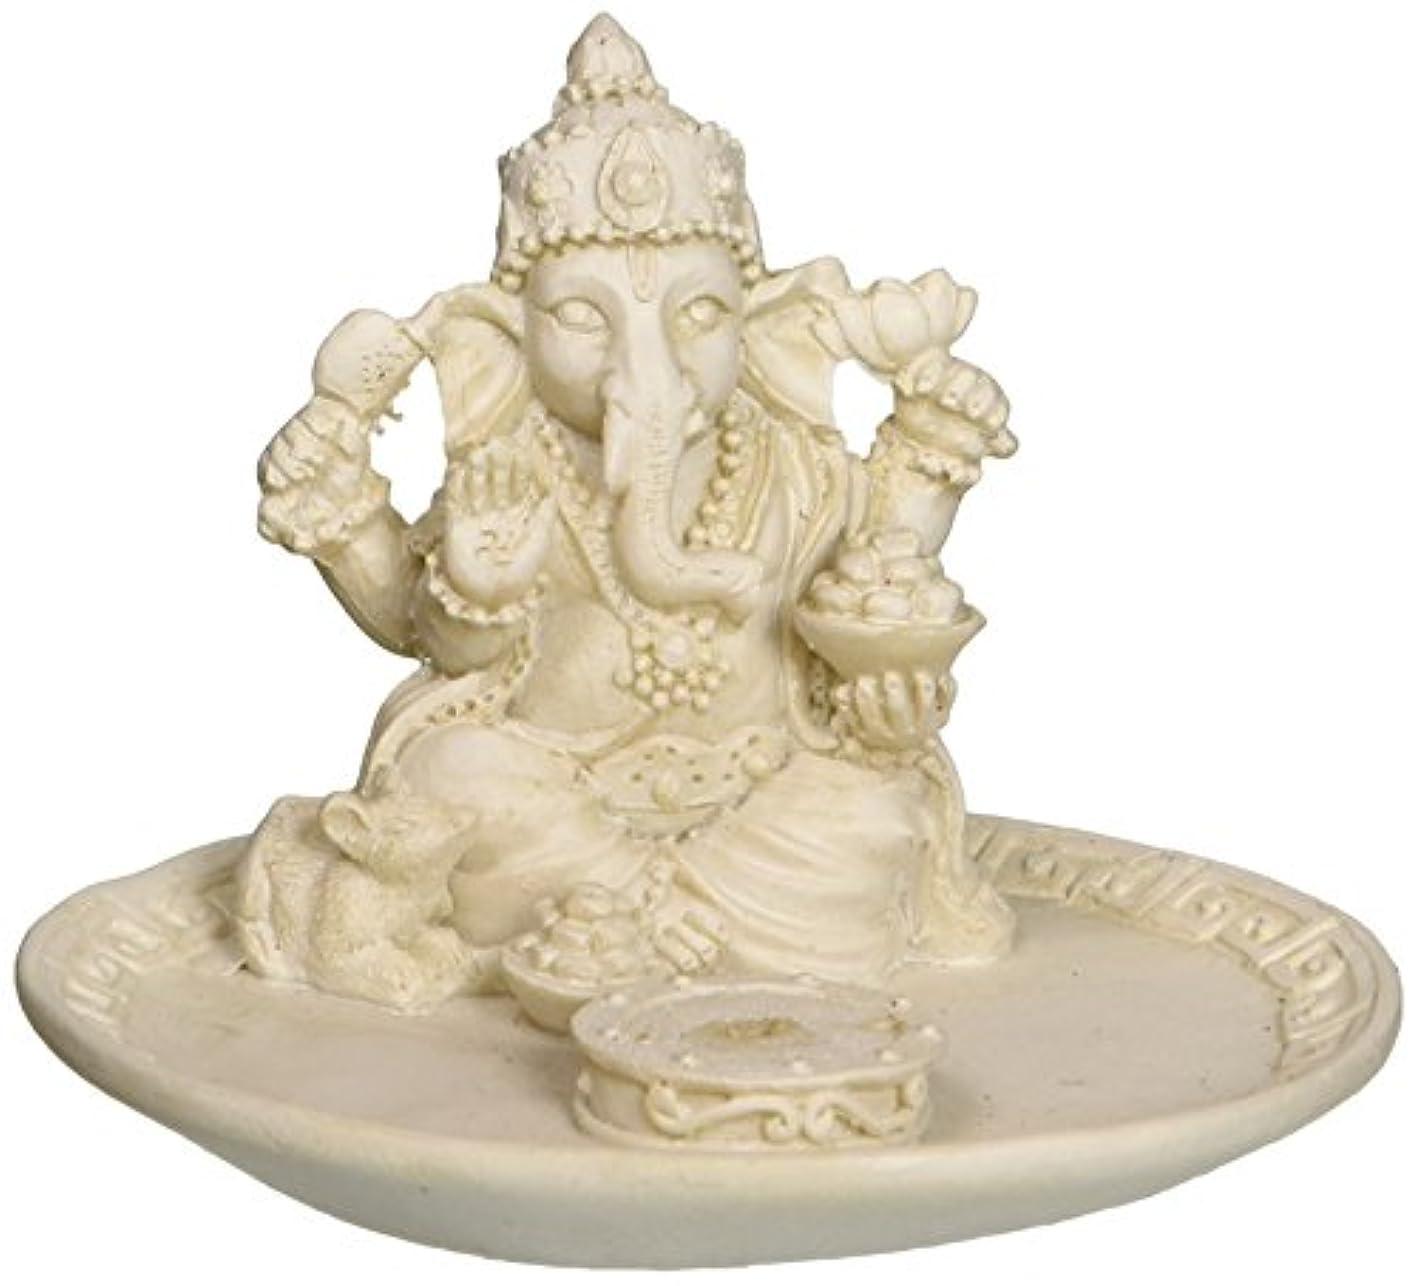 クラシック基準天窓White Beautiful Lord Ganesh Incense Sticks Holder - Ganesha, Laxmi, Shiva, Durga, Kali